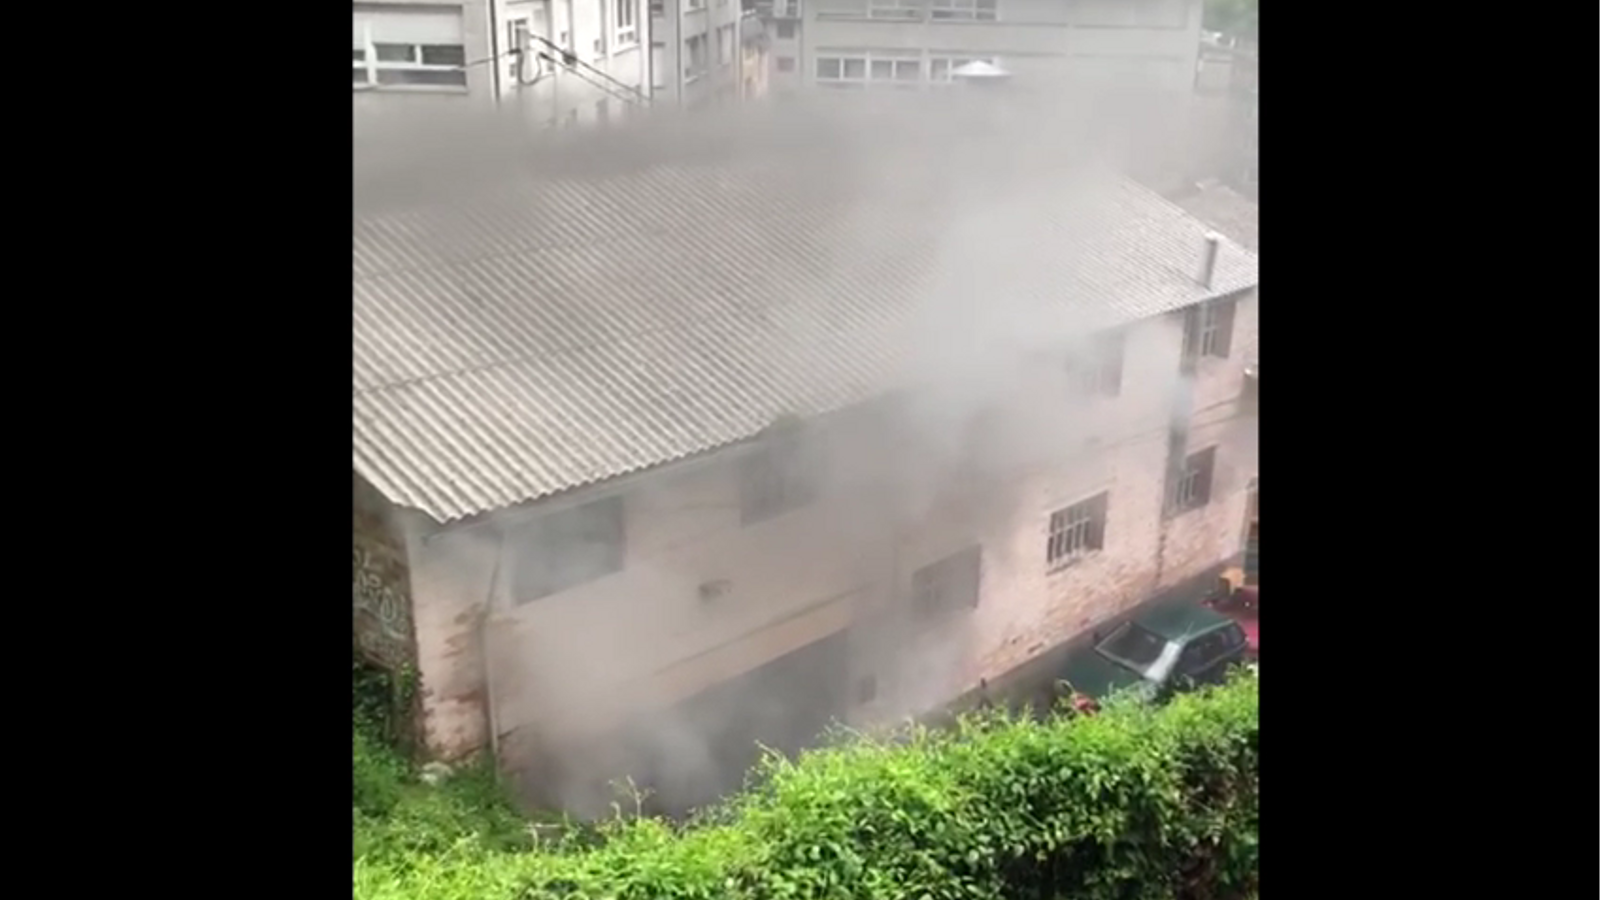 Petita explosió en una caldera d'un taller mecànic de Santa Coloma